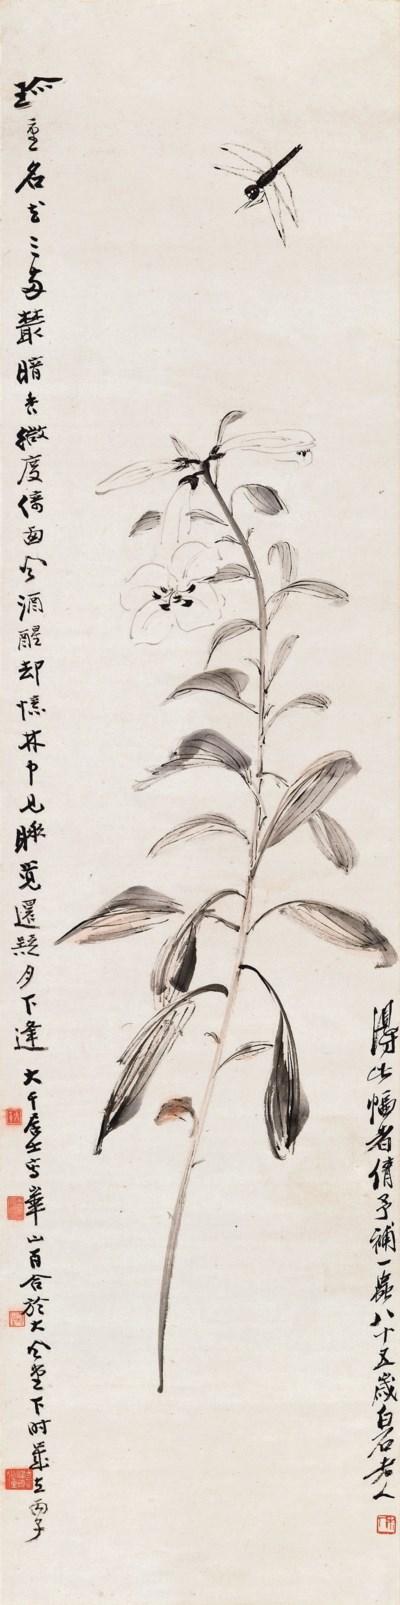 ZHANG DAQIAN (1899-1983)  QI B